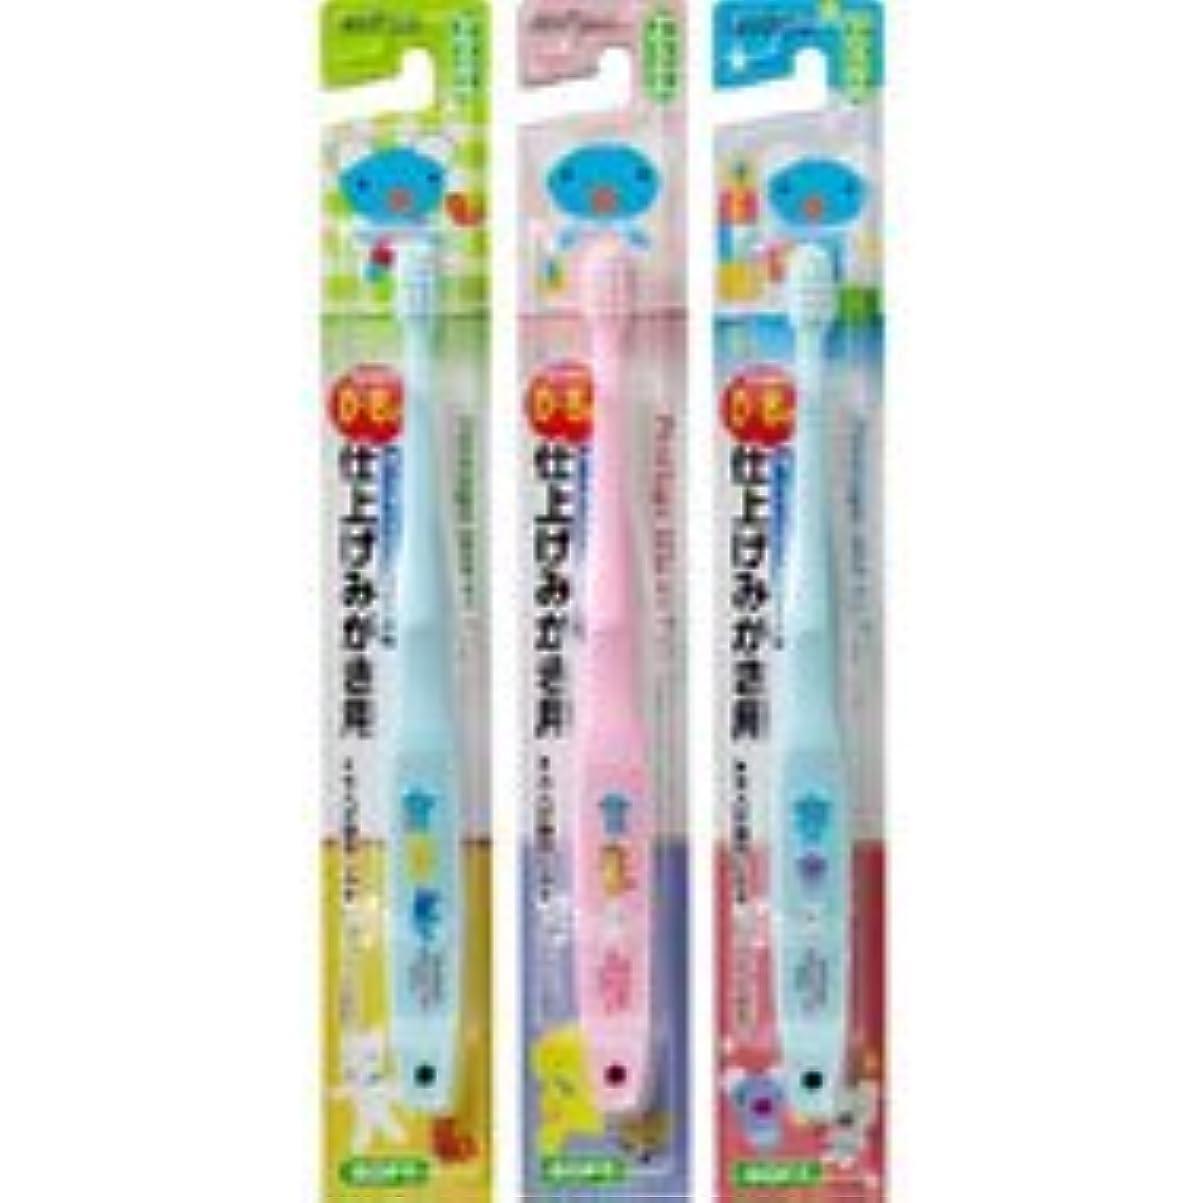 皮肉増加するスリッパペネロペ仕上げ磨き用歯ブラシ 3本 ※種類は当店お任せとなります